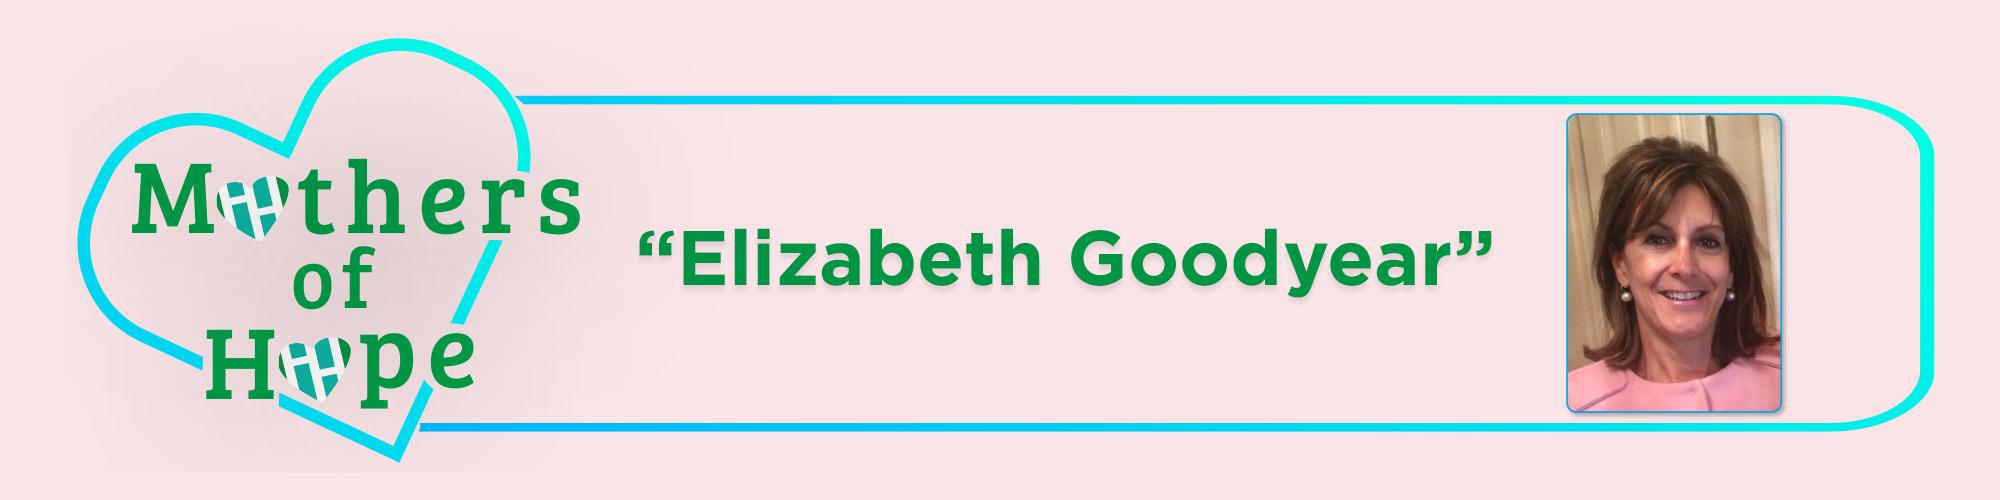 Elizabeth-Goodyear